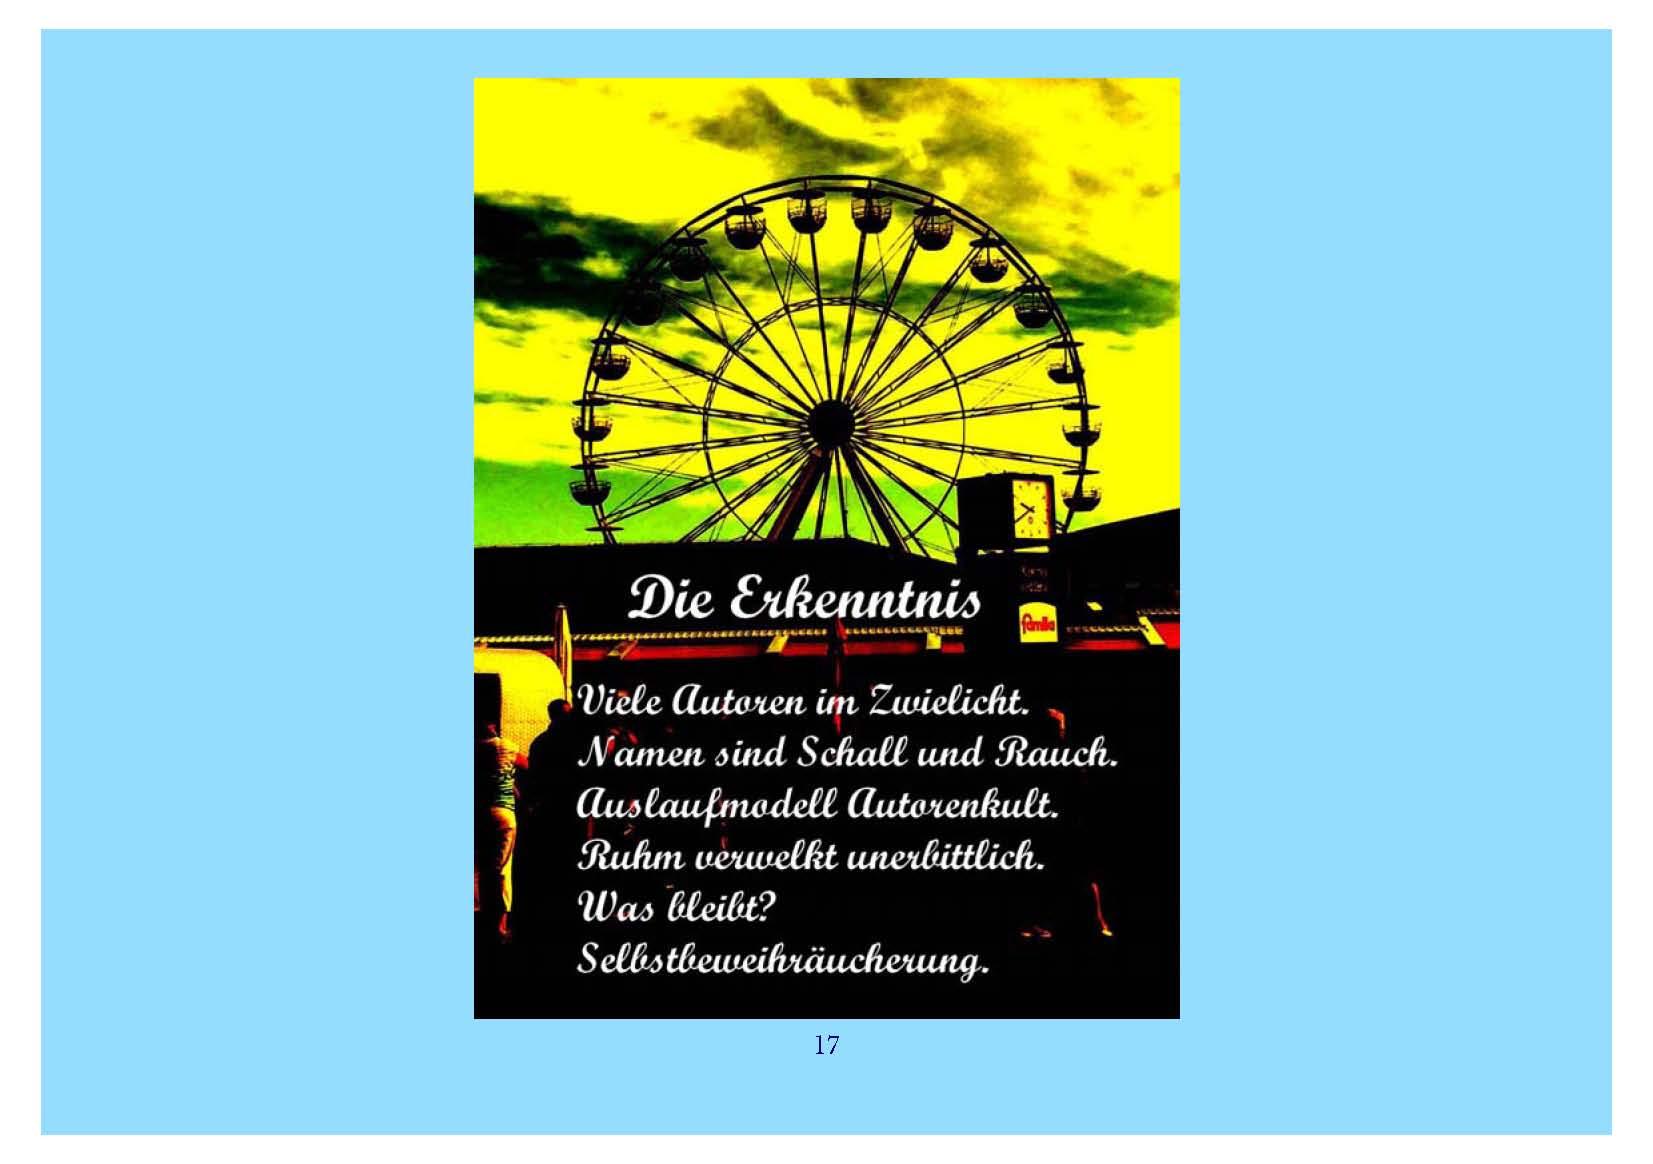 ™Gigabuch-Bibliothek/iAutobiographie Band 15/Bild 1100